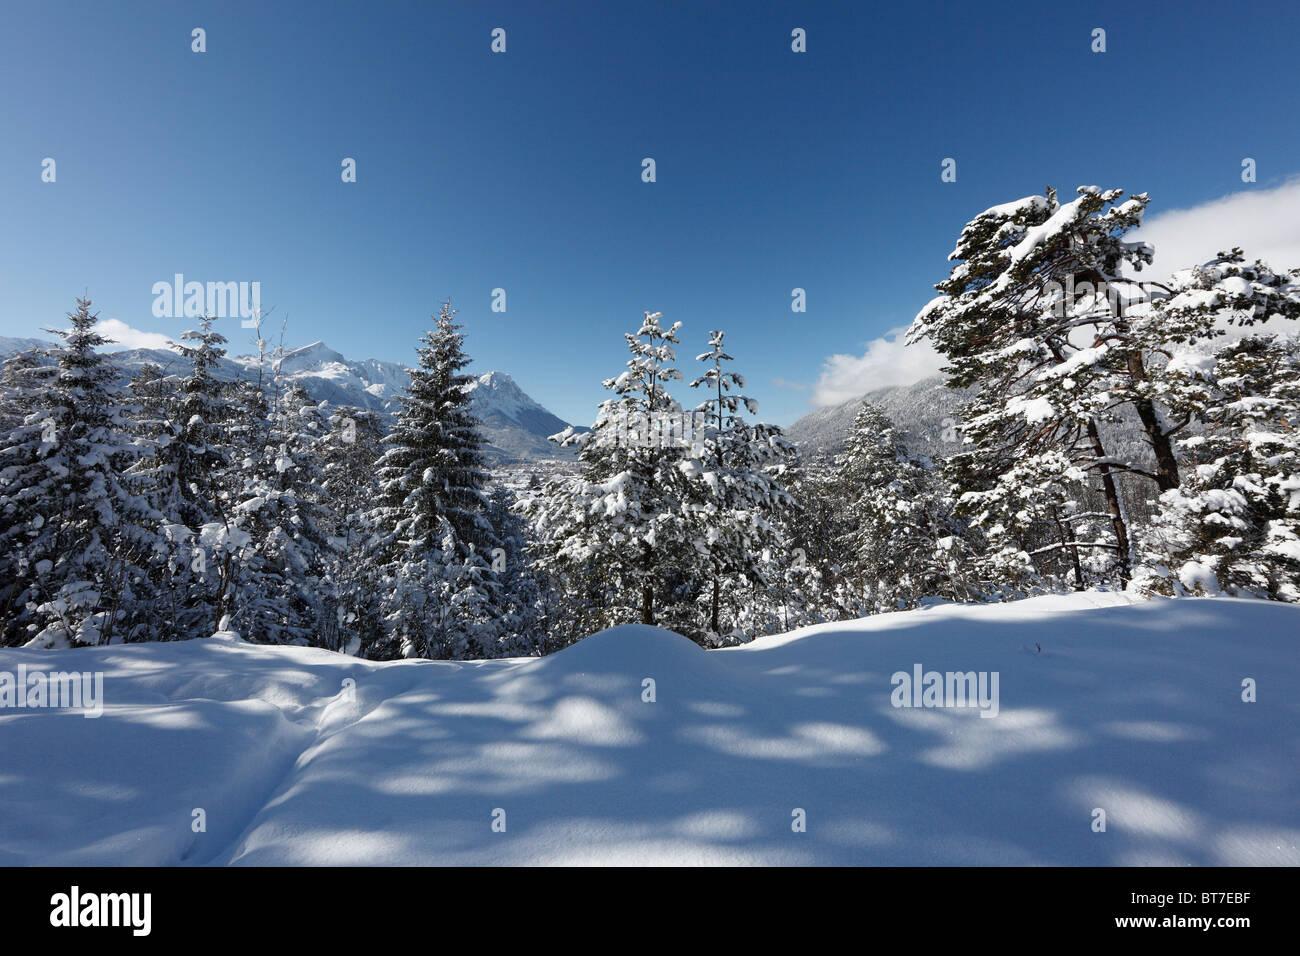 Wintery mountain forest above Garmisch-Partenkirchen, in the distance, Wetterstein Range with Alpspitz Mountain - Stock Image